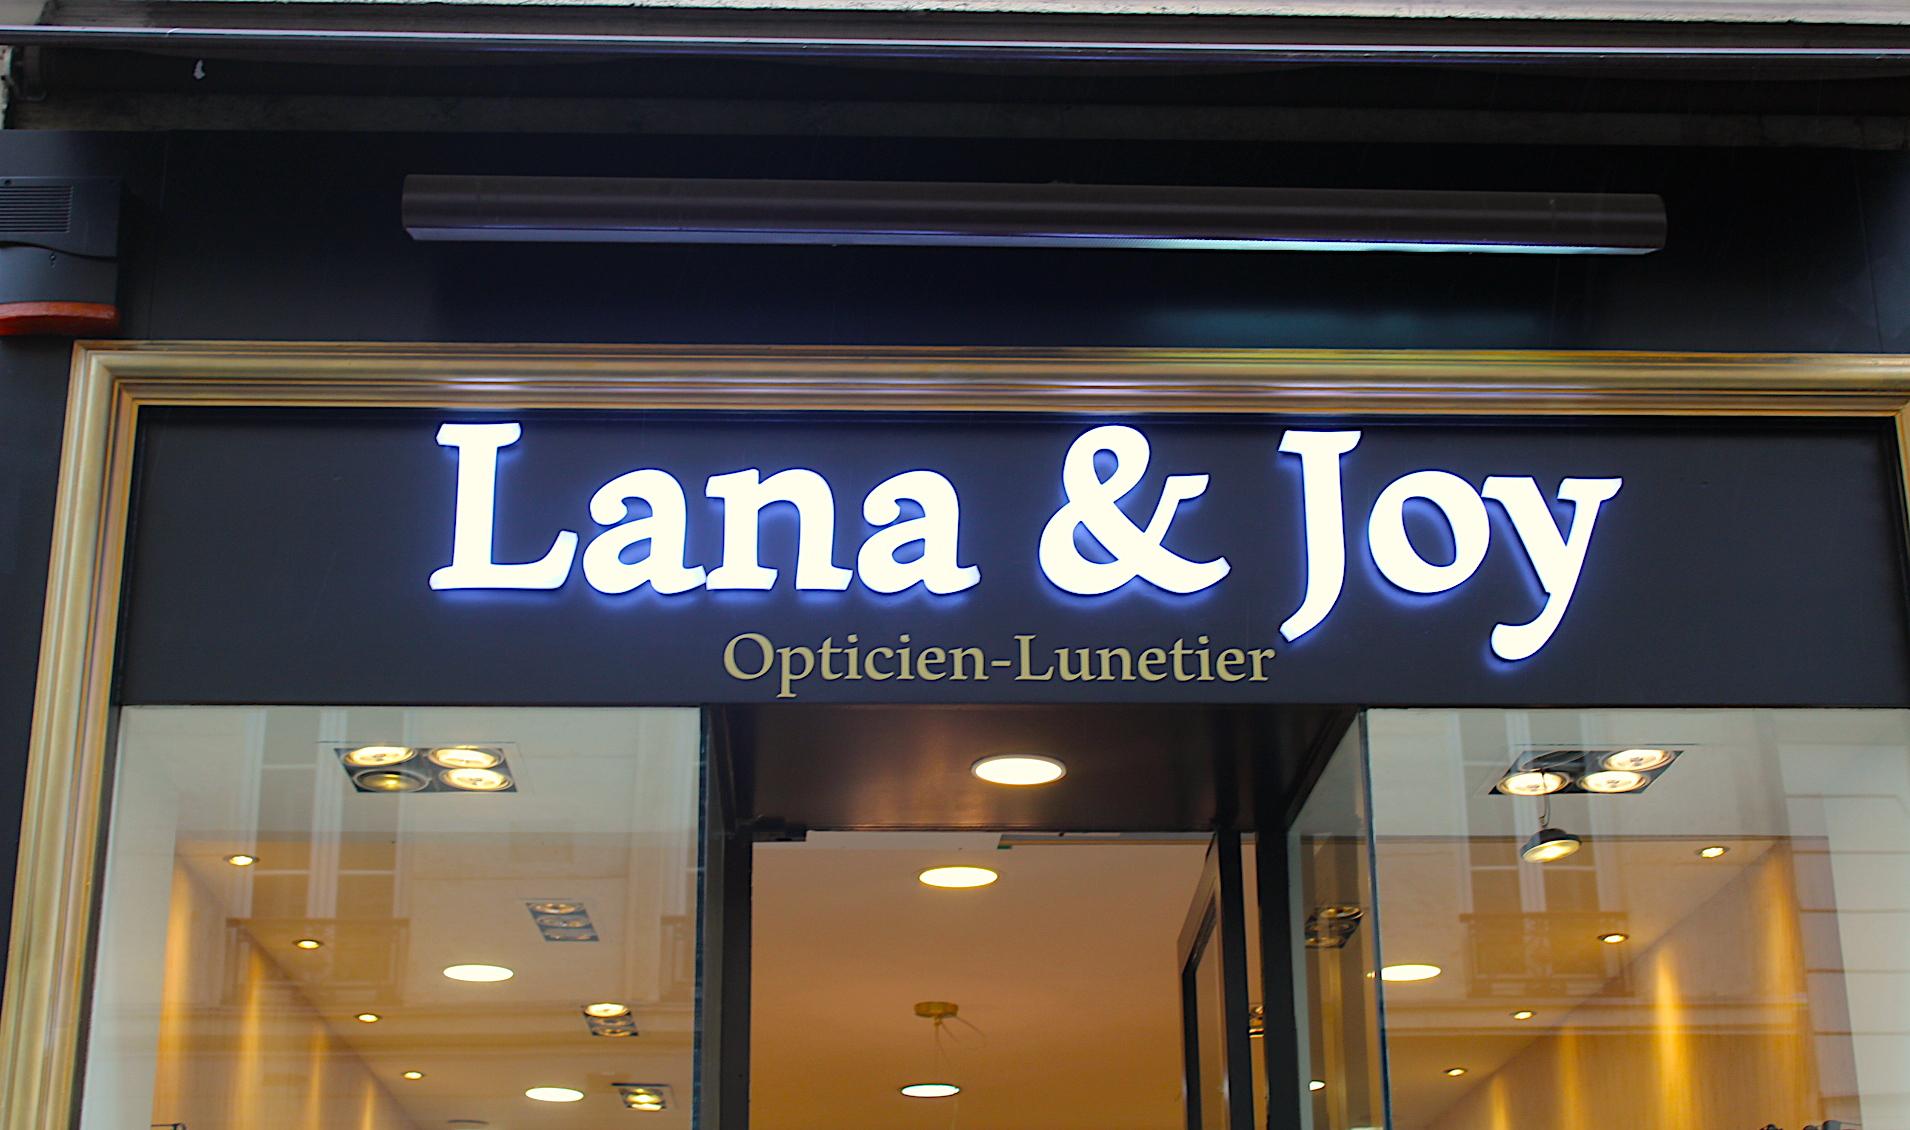 Lana & Joy